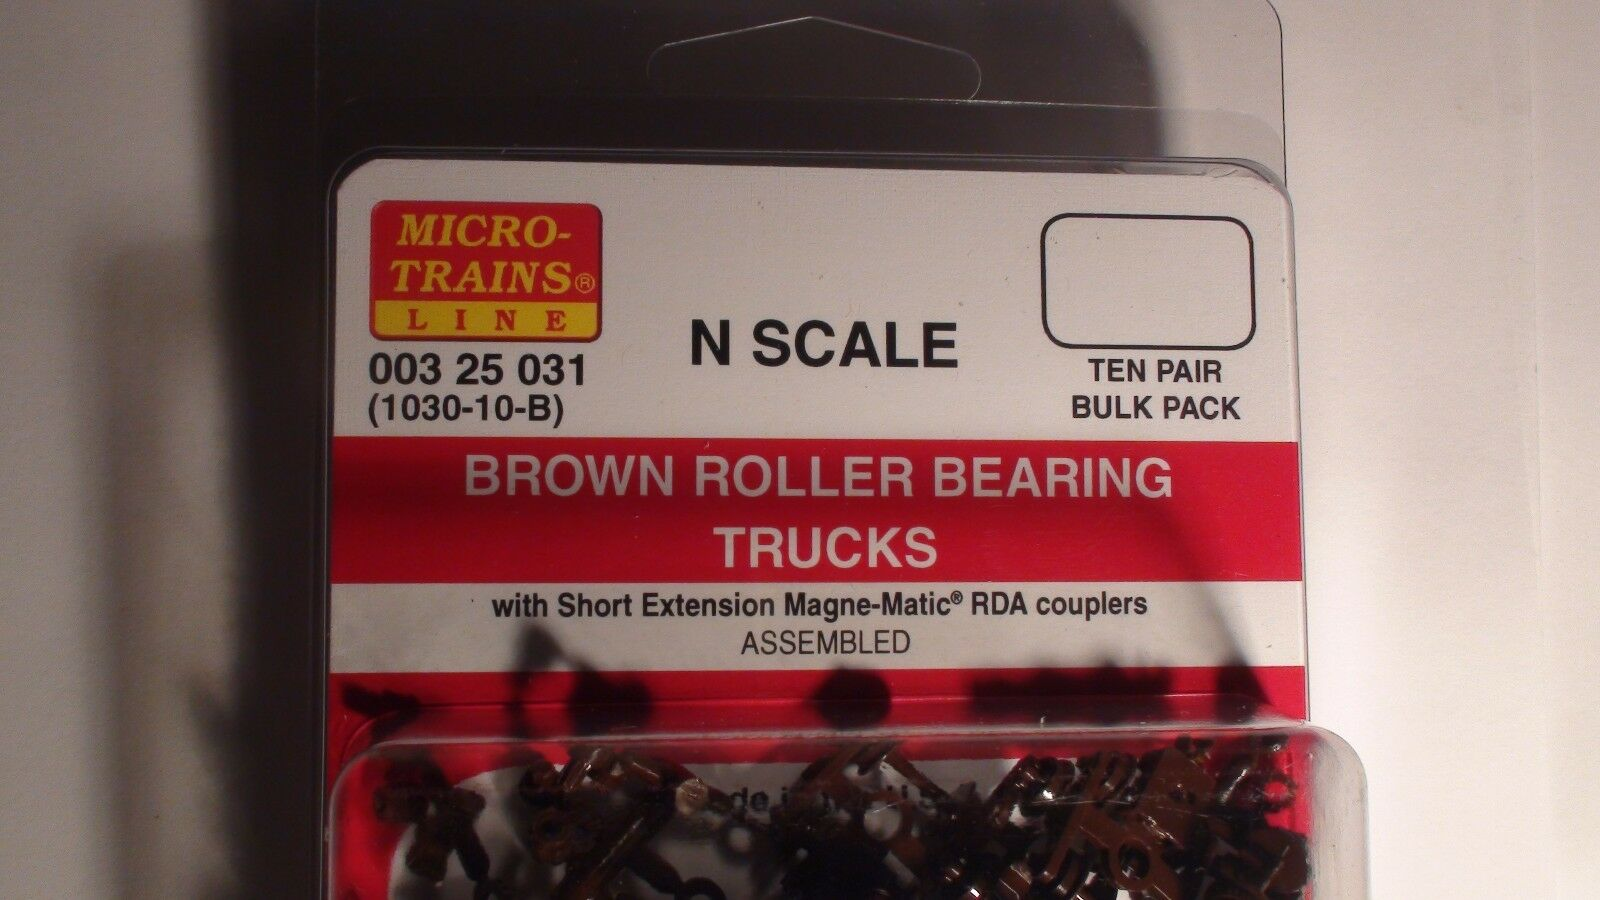 Micro-Trains Line Marrone Rodamiento de rodillos camiones diez Par Paquete a granel